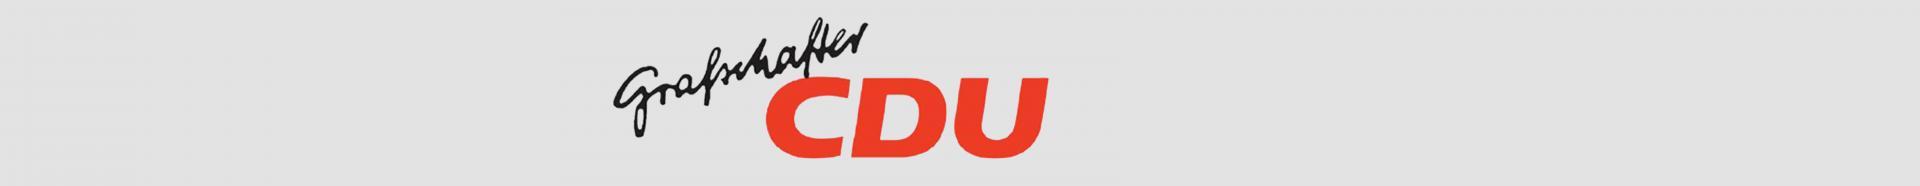 Grafschafter CDU Banner